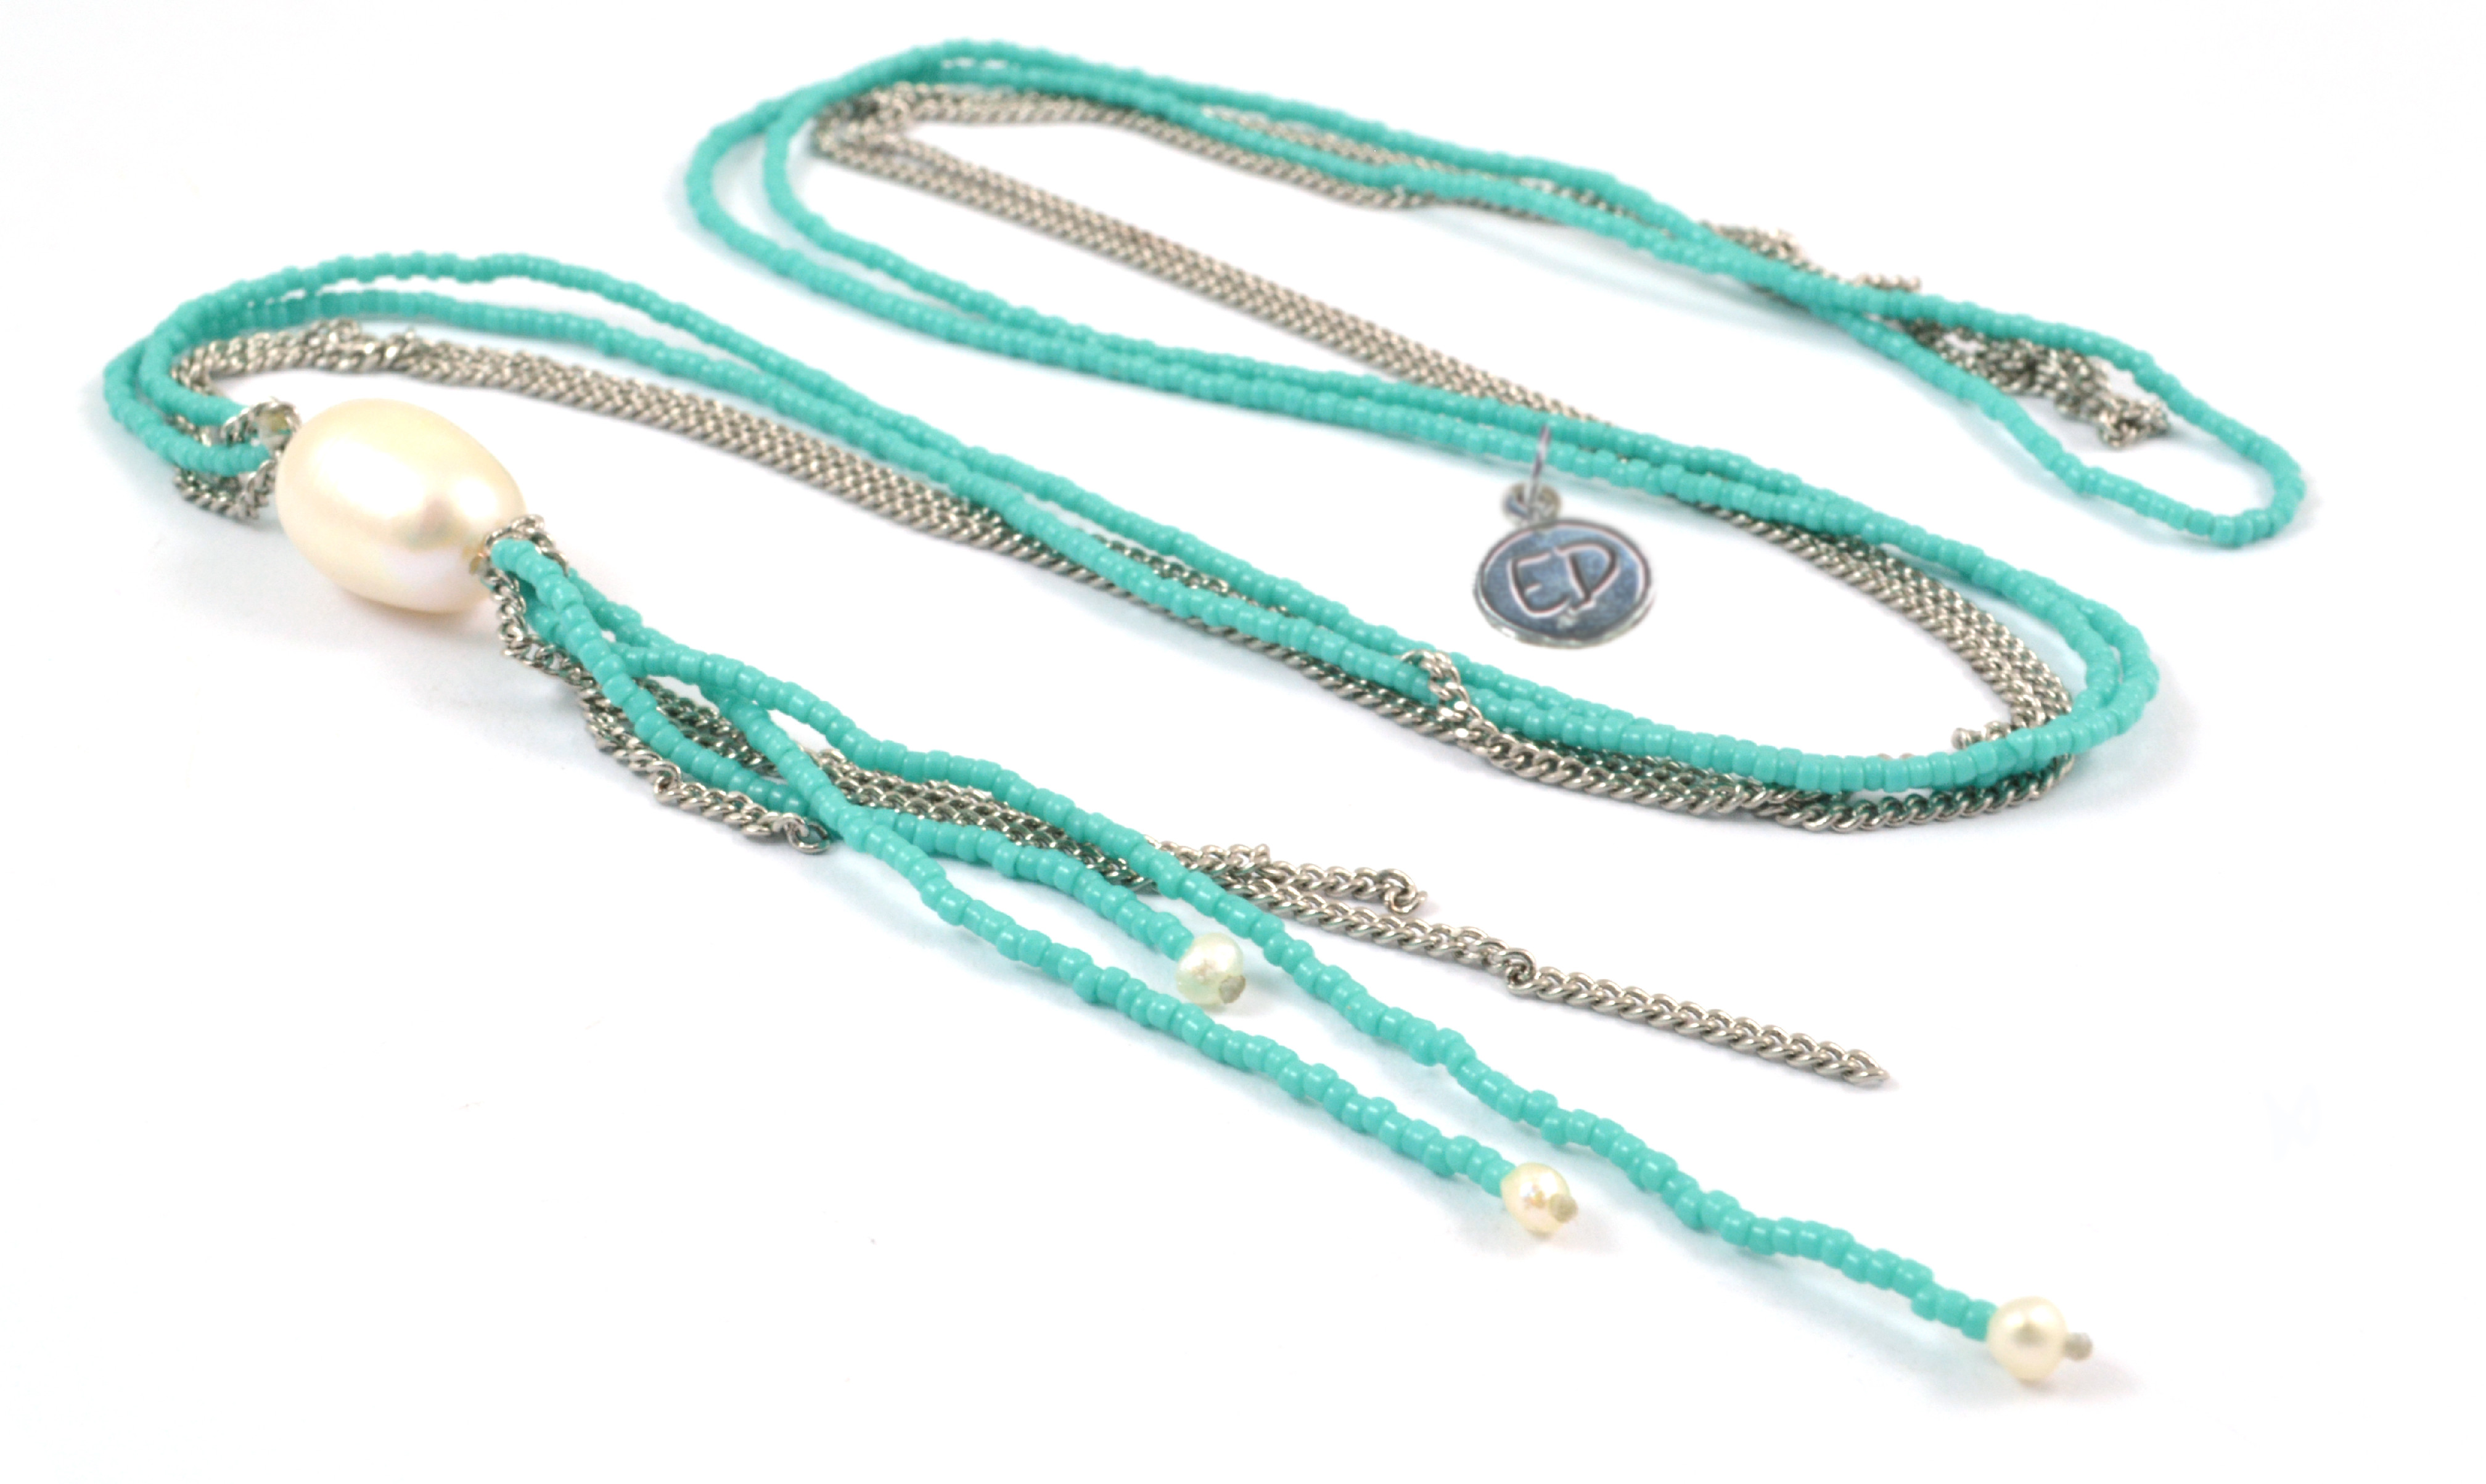 Dámsky prírodný náhrdelník z japonského rokajlu a riečnych perál - tyrkysový